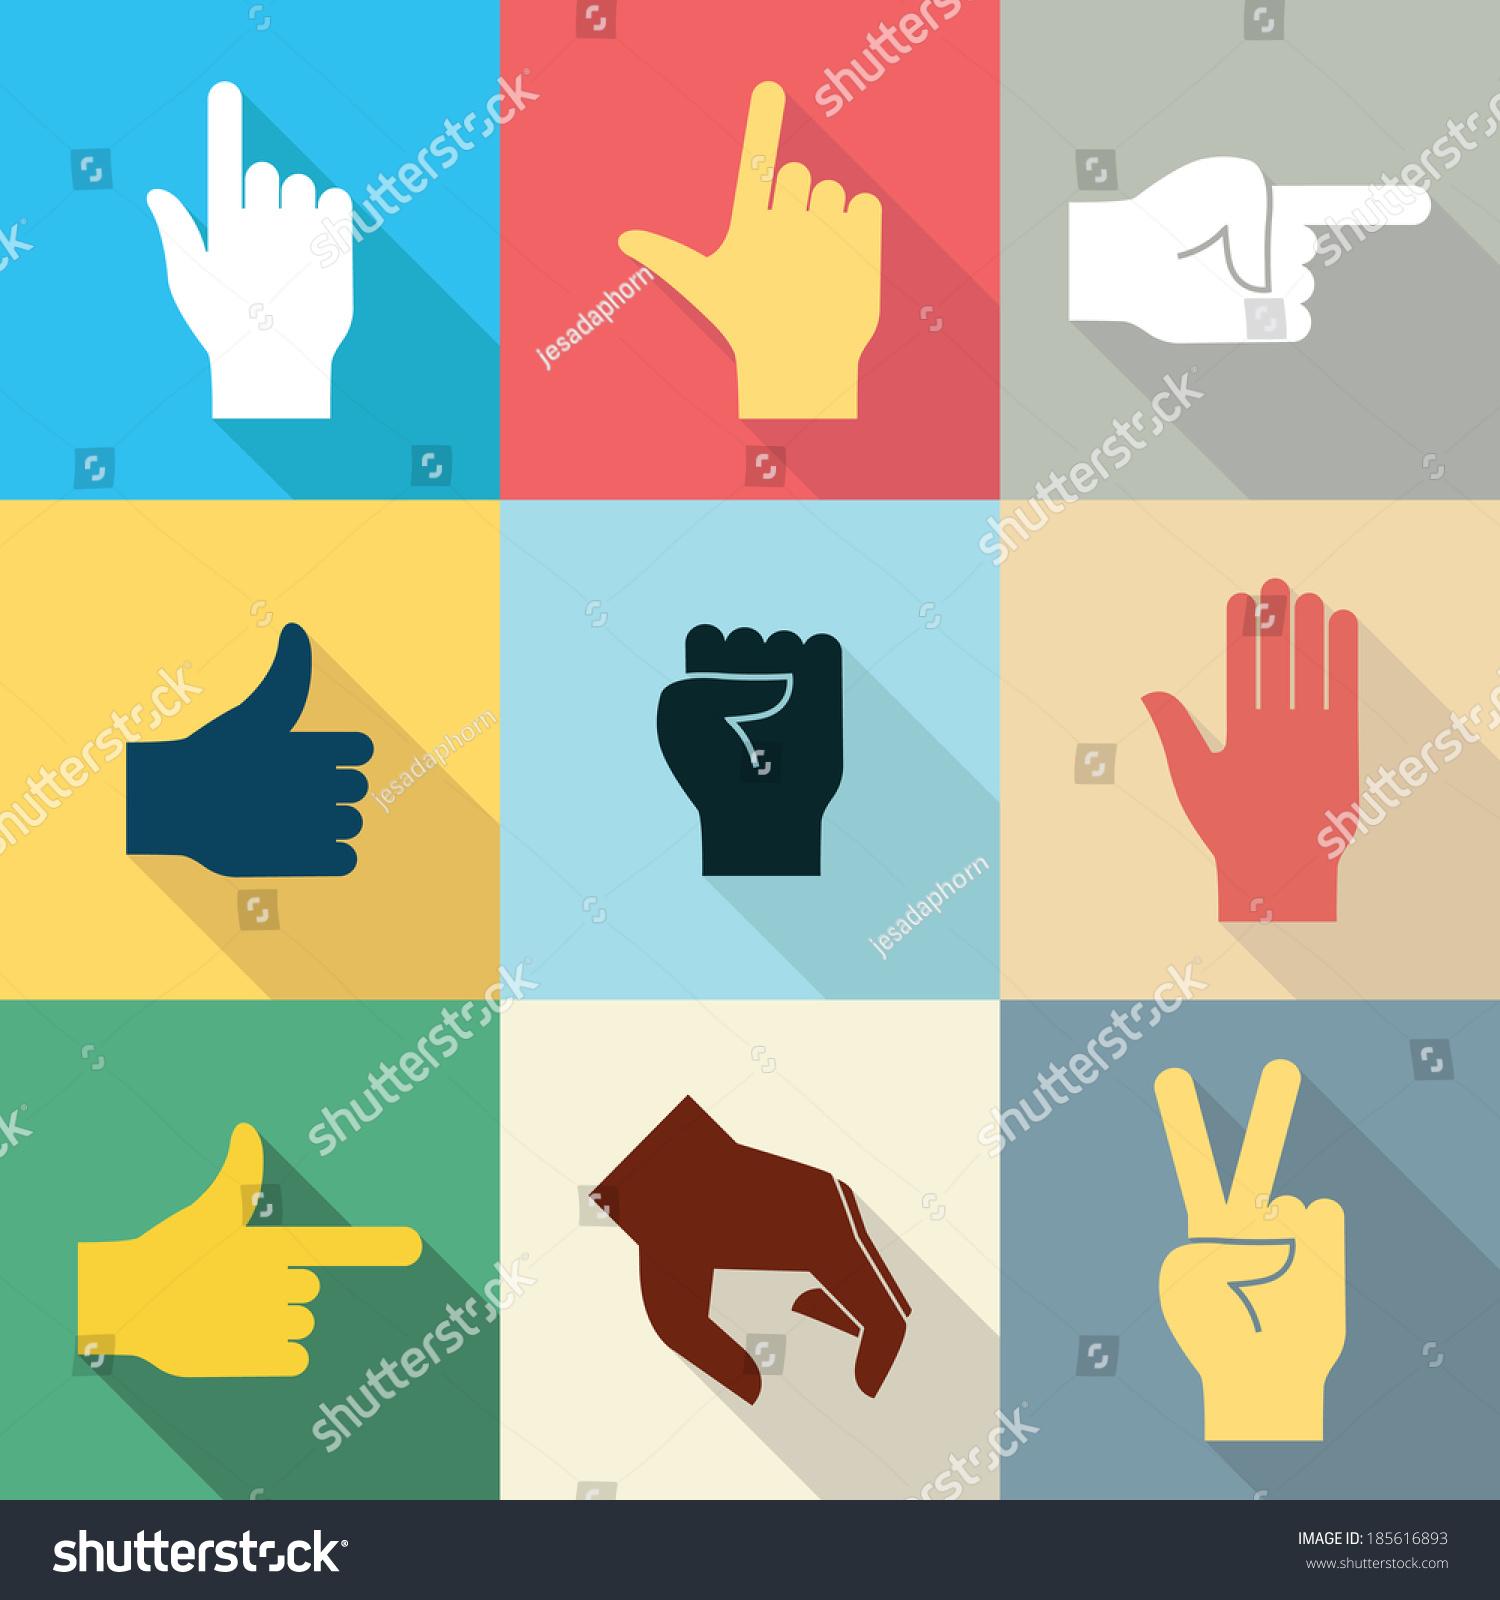 平面设计图标集的手在许多不同的手势与长的阴影设置2